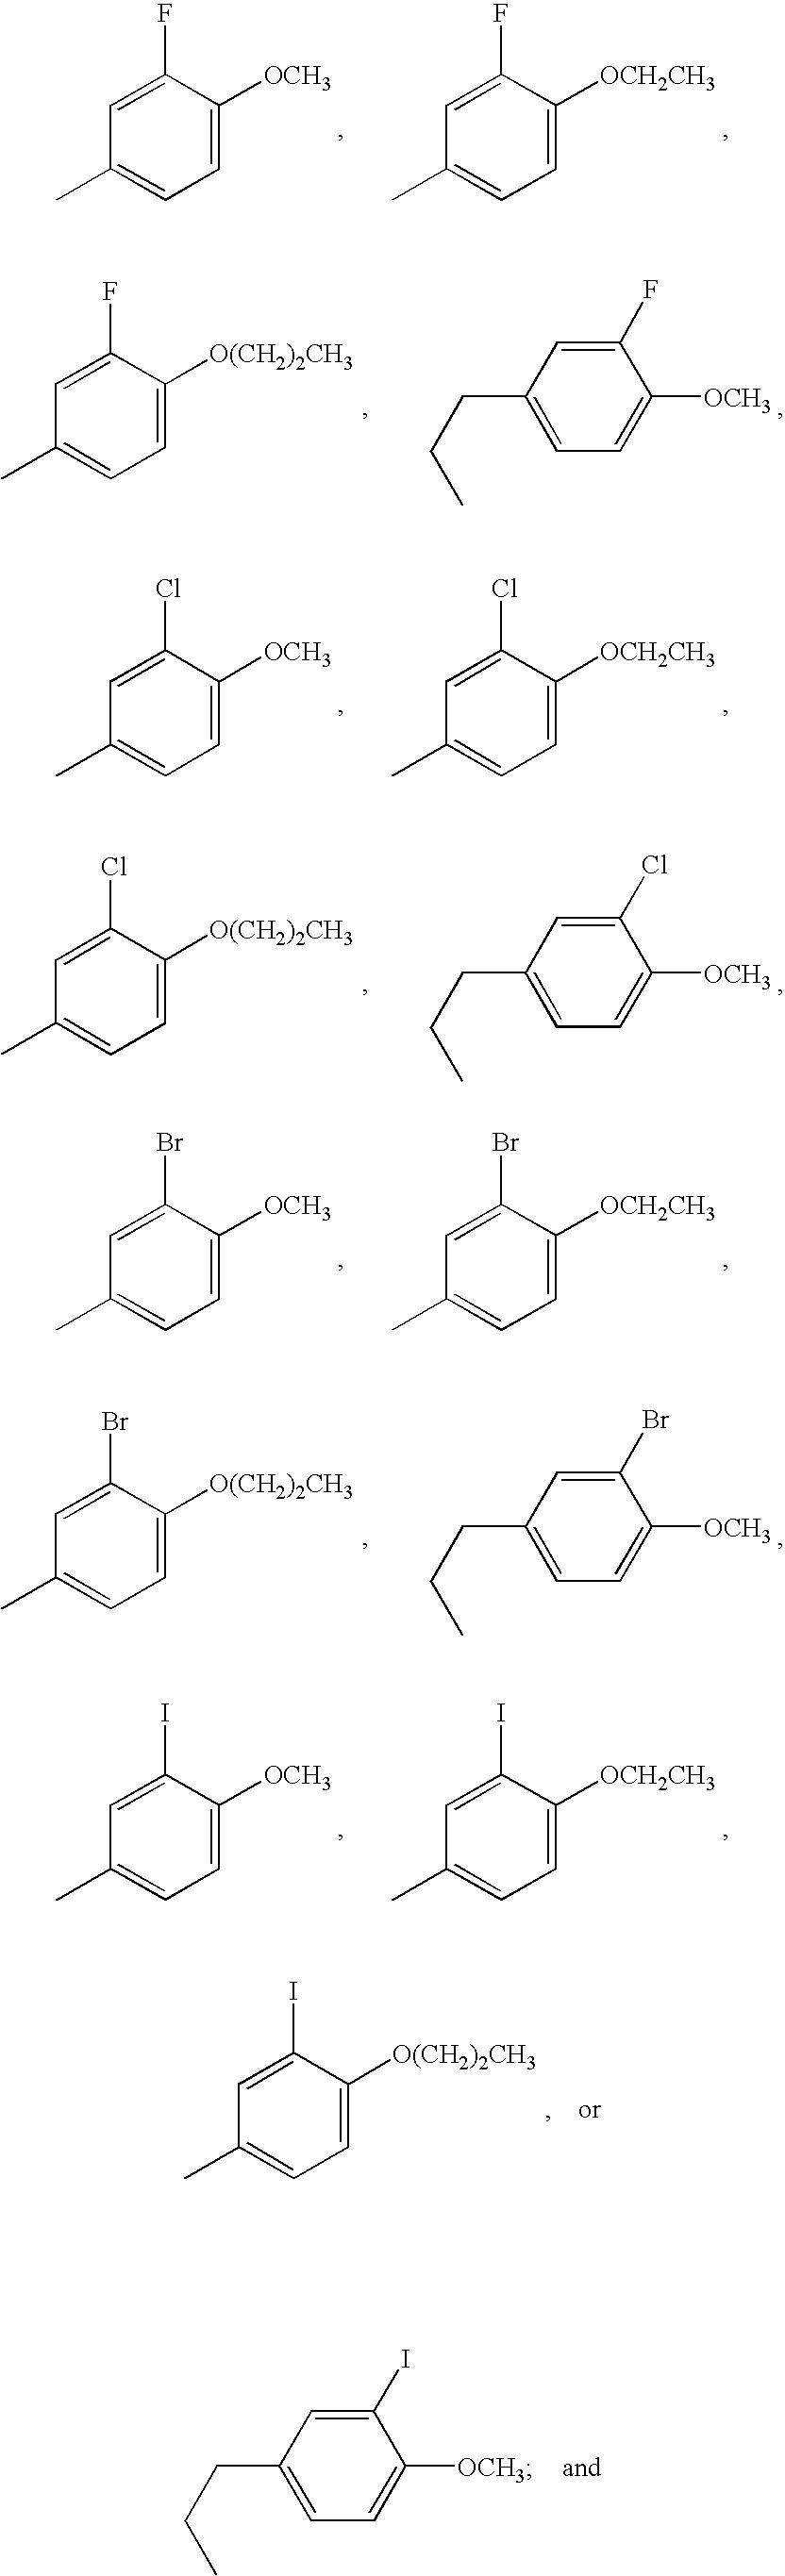 Figure US07112587-20060926-C00084